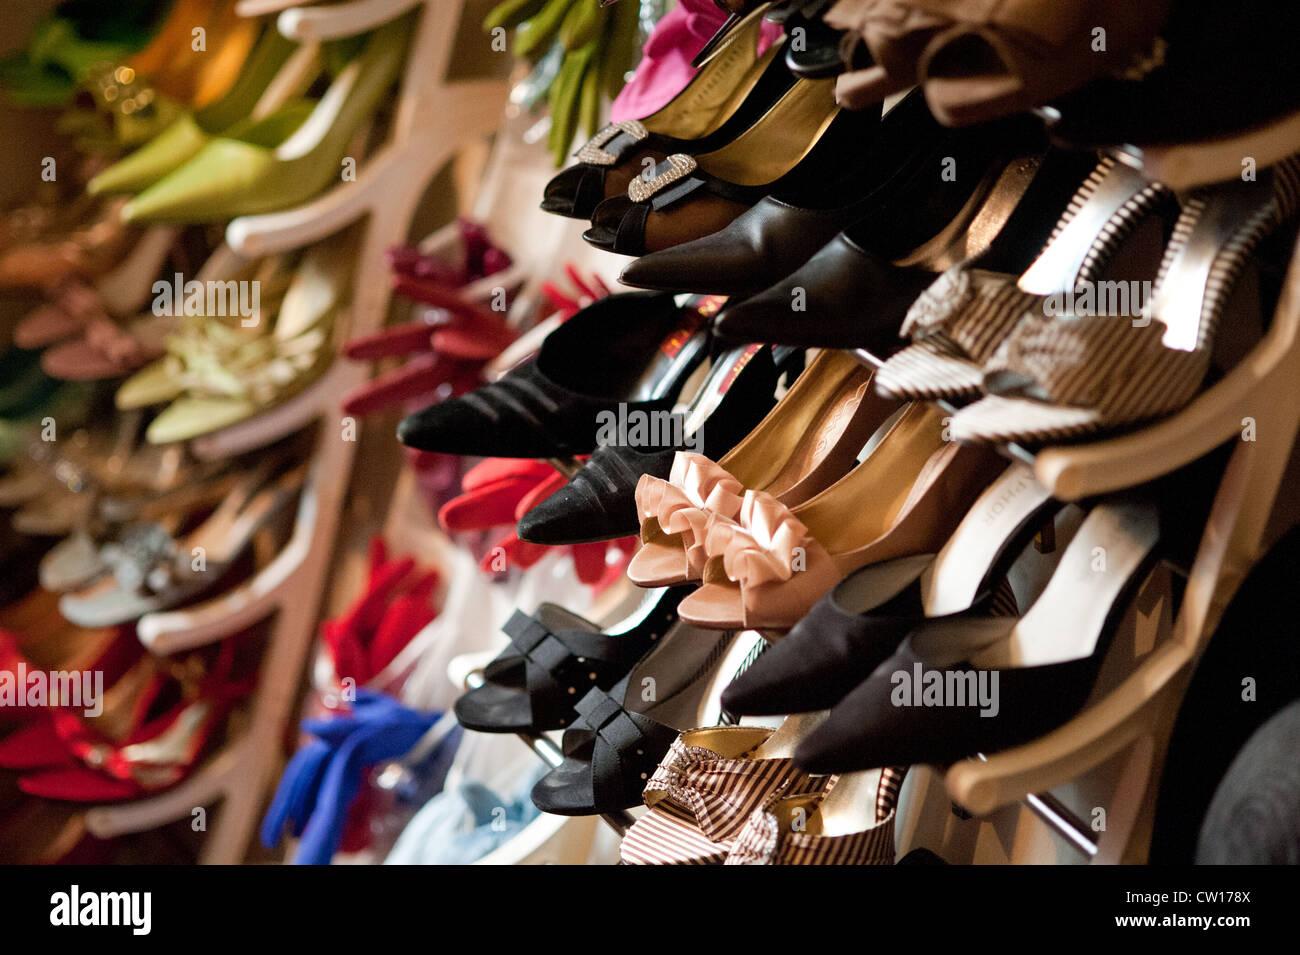 Woman's salsa dancing heels in closet  - Stock Image